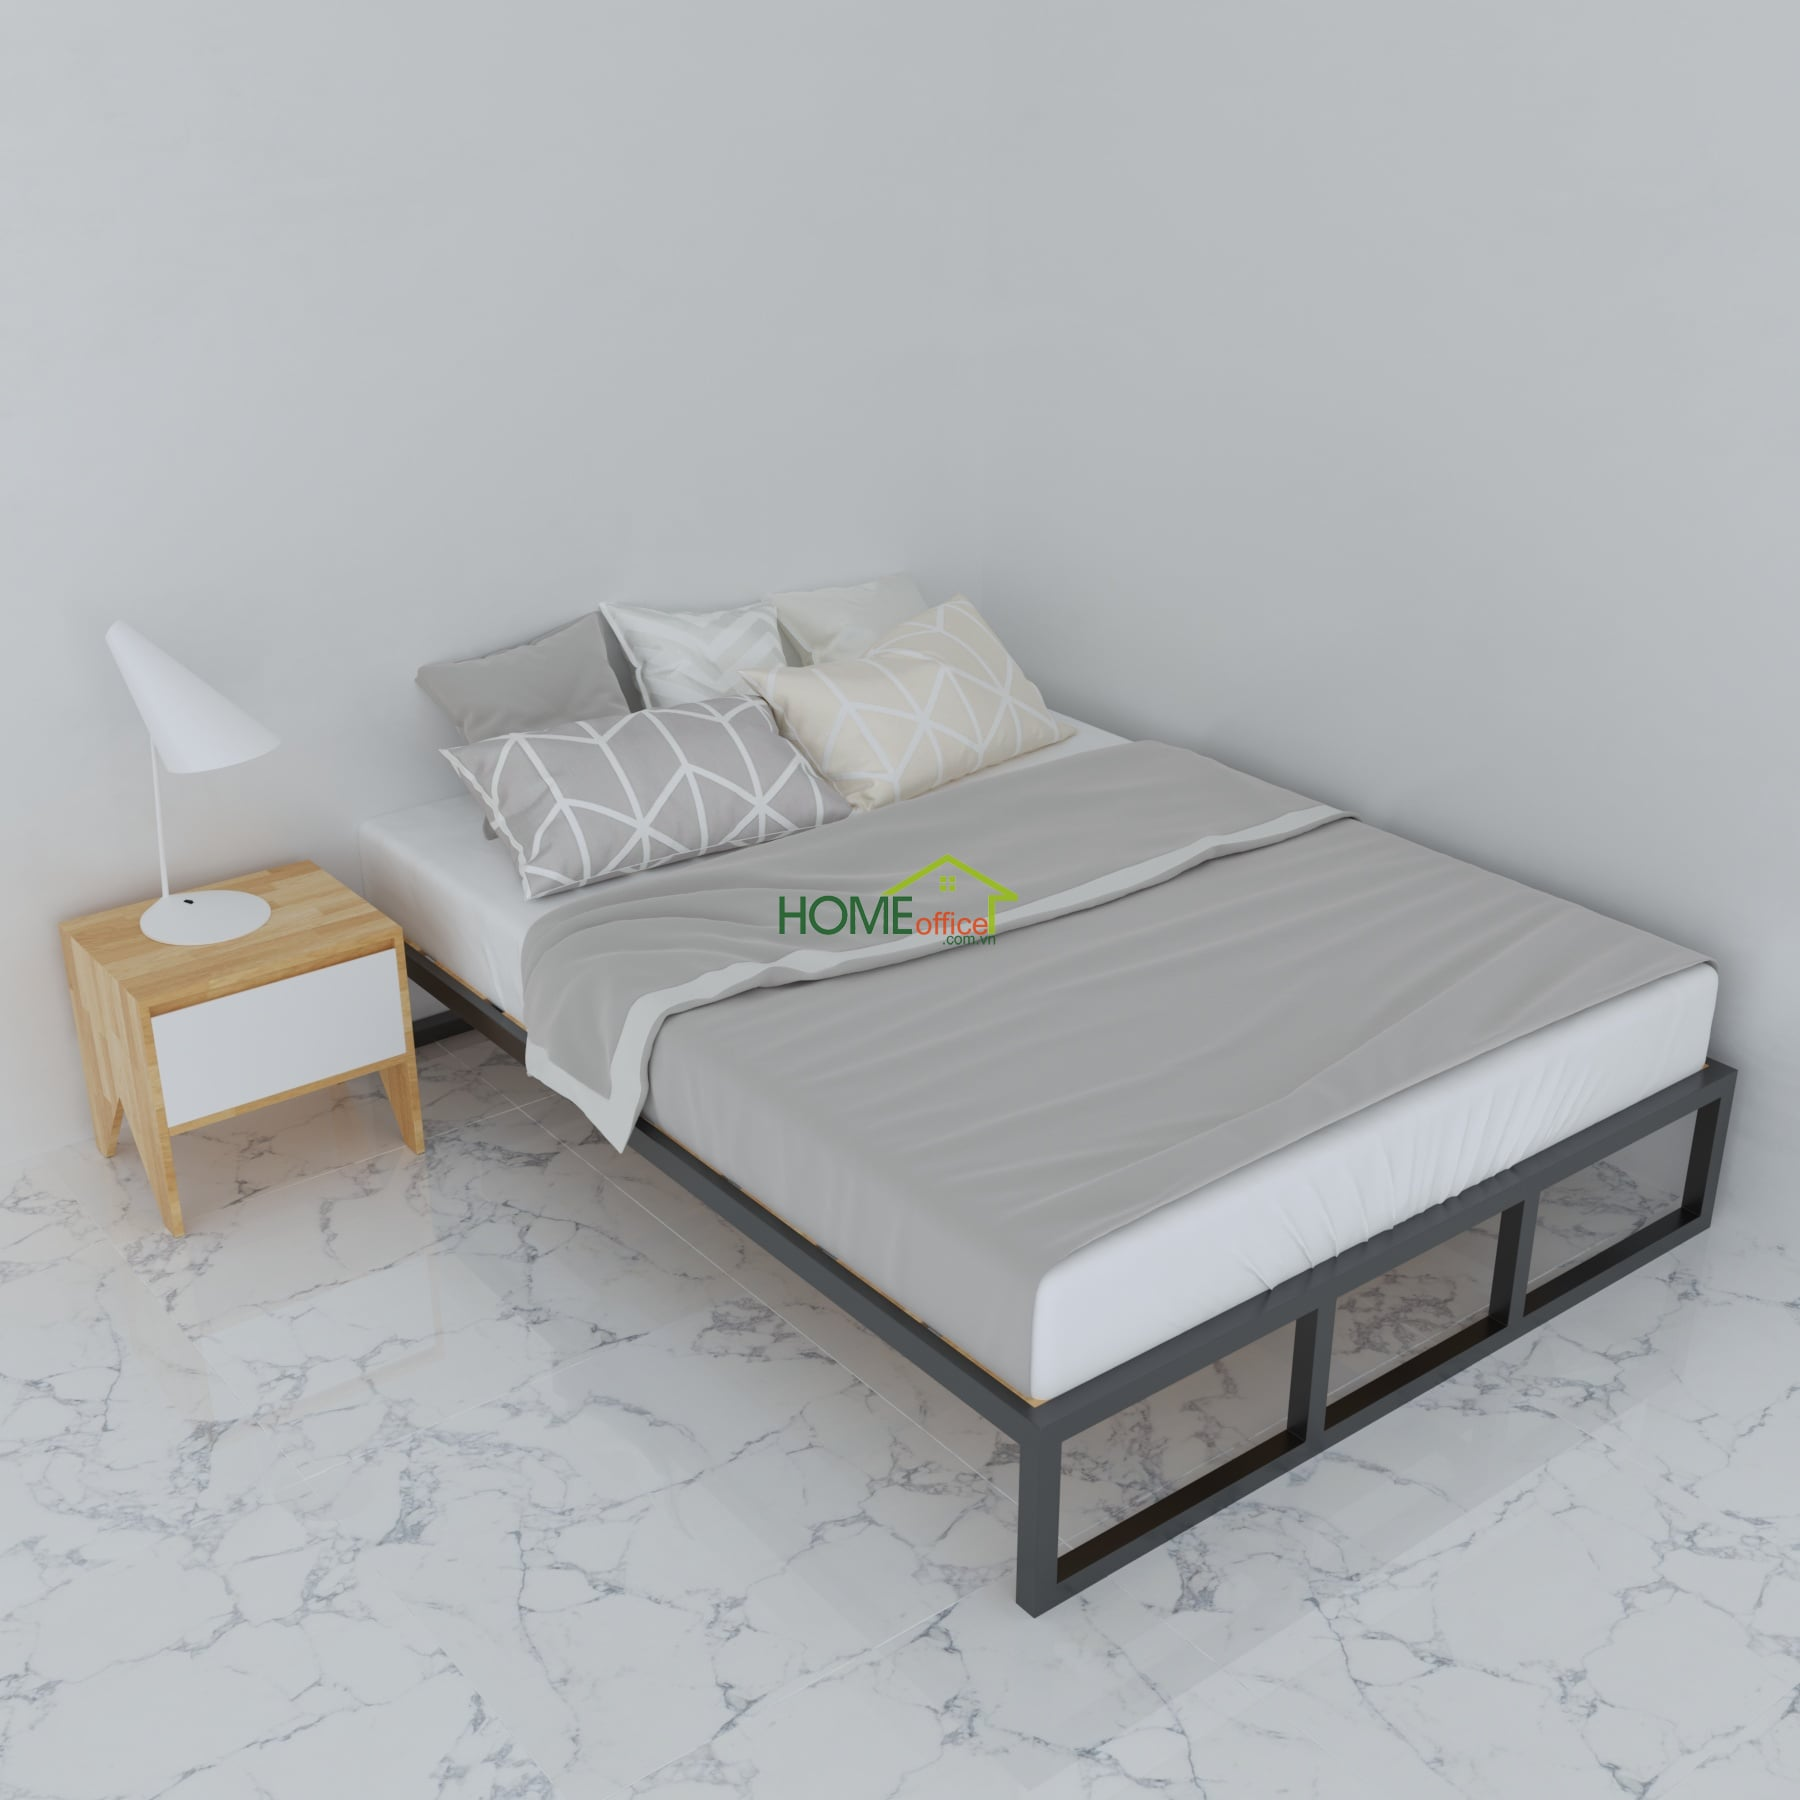 giường khung sắt lắp ráp